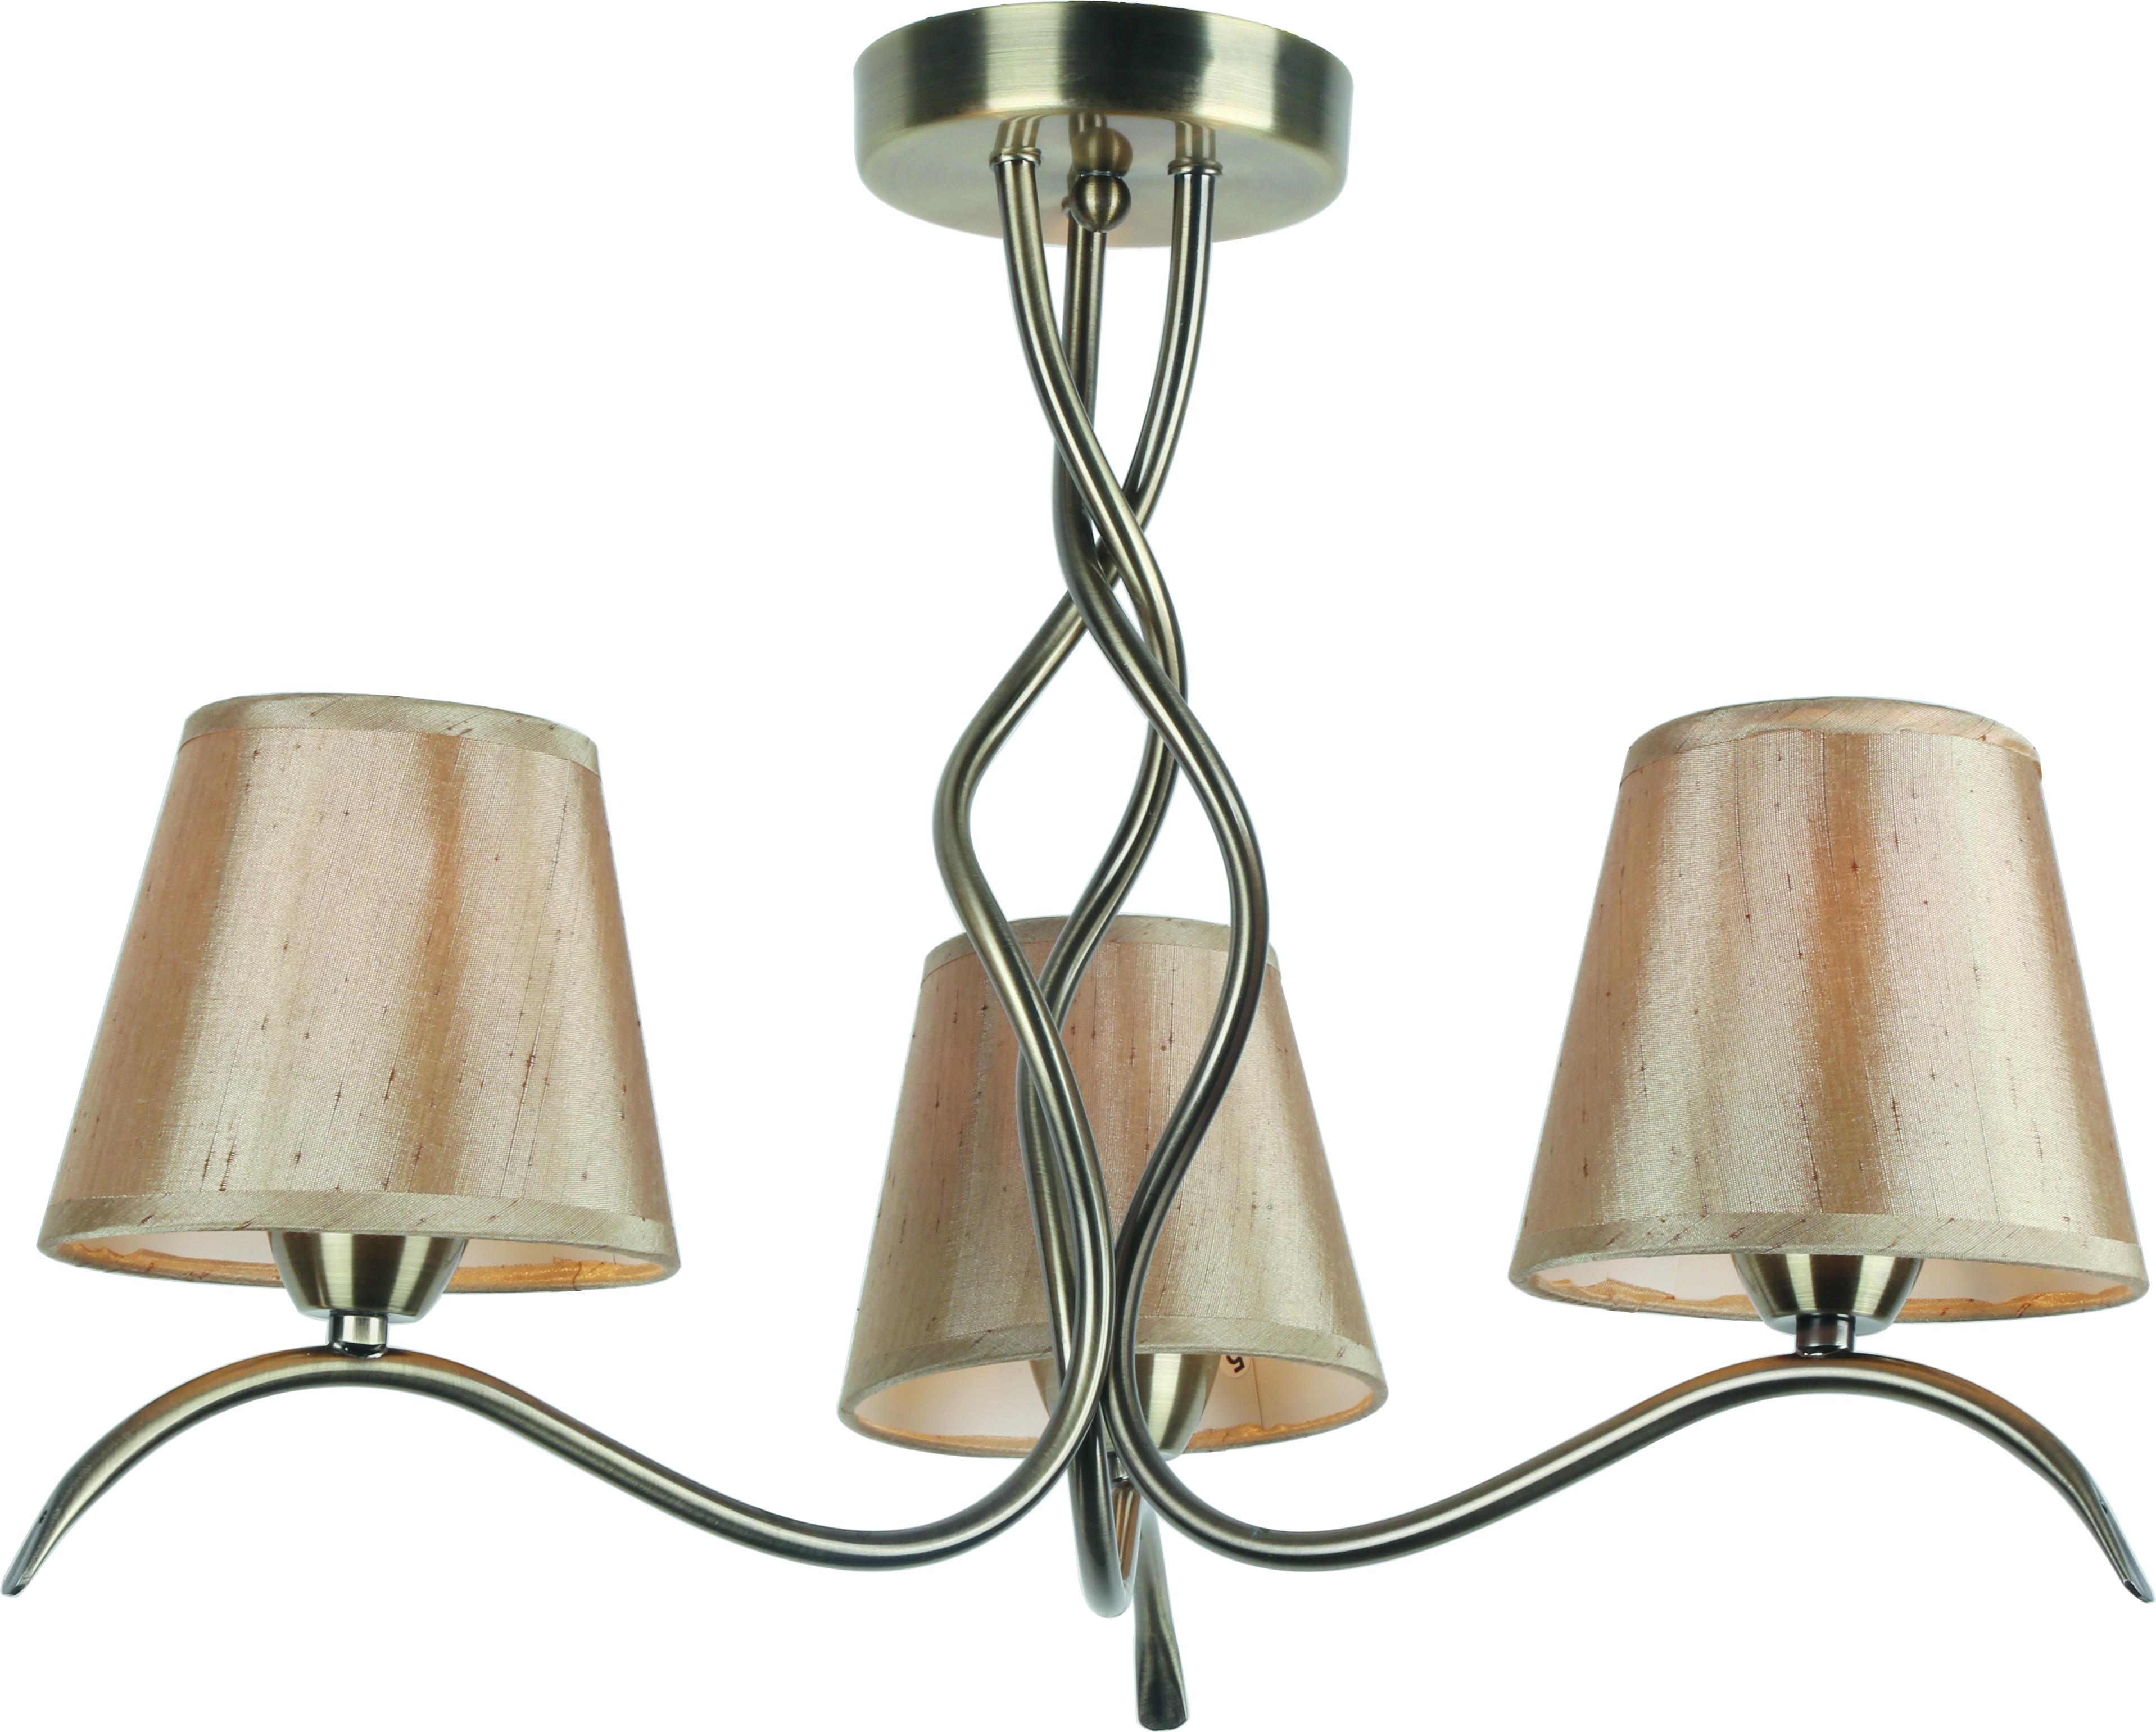 Люстра Arte lamp A6569pl-3ab люстра на штанге arte lamp glorioso a6569pl 3ab